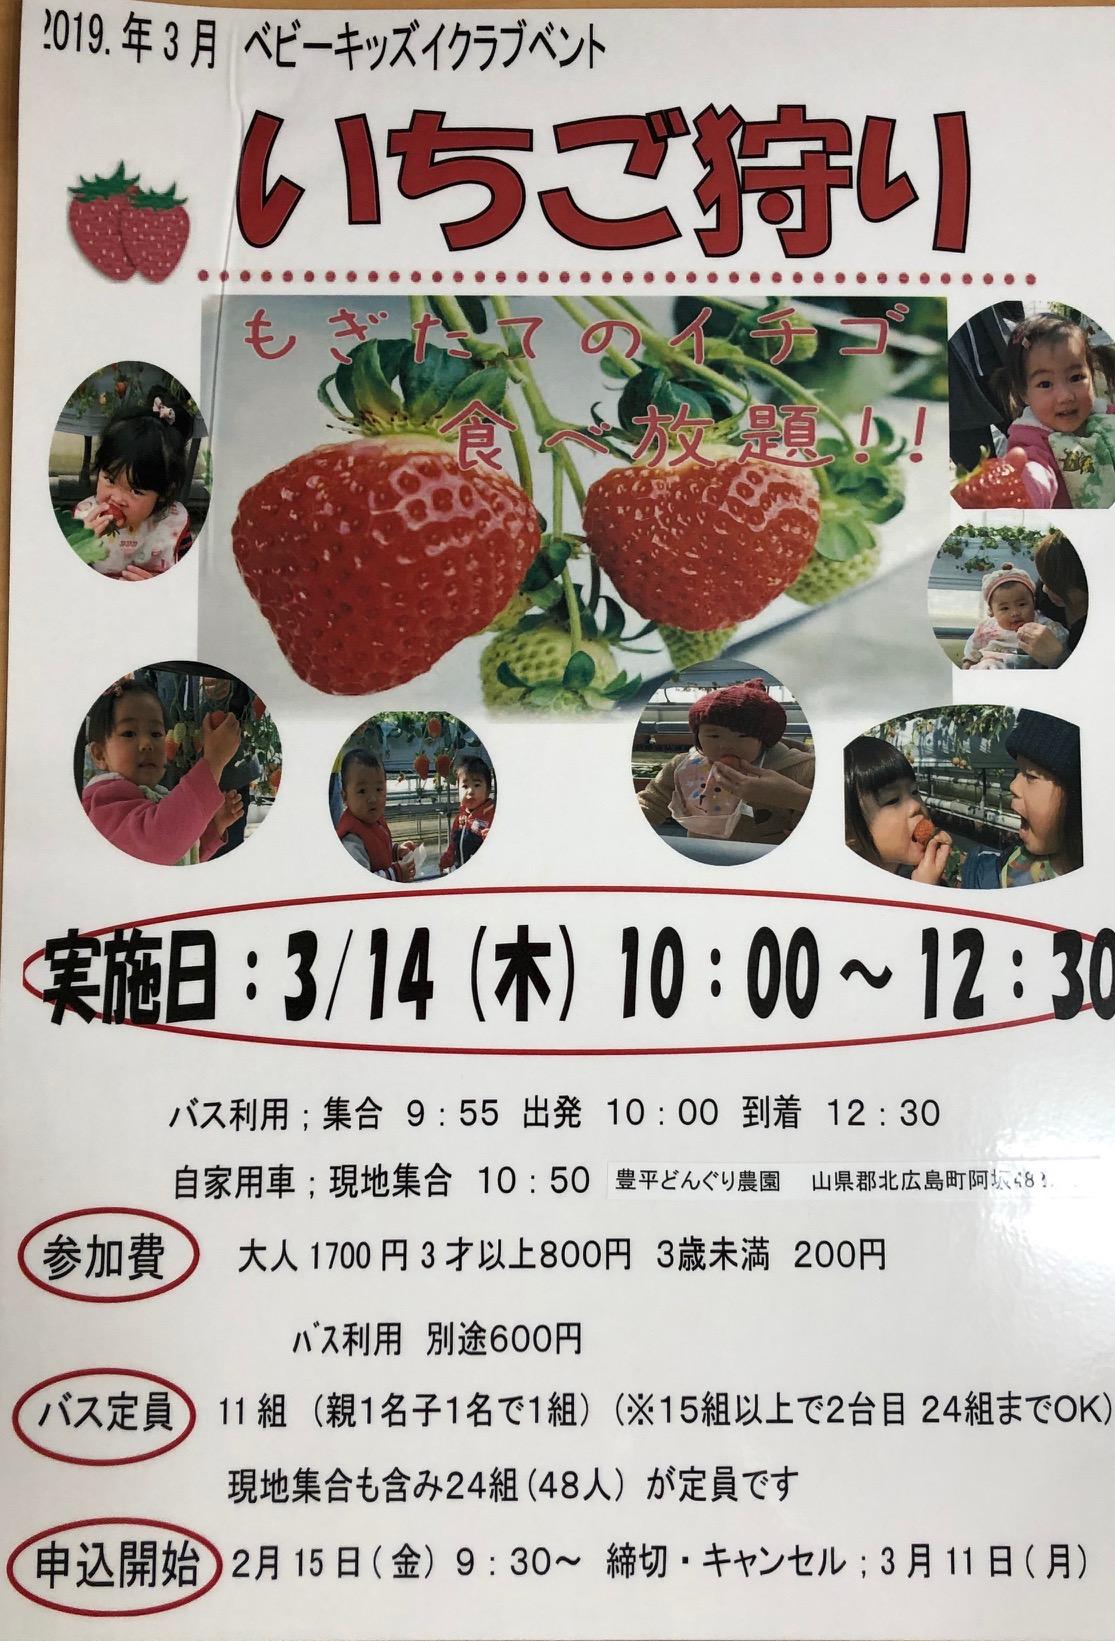 広島 いちご 狩り 「いちご」狩りが一番人気!